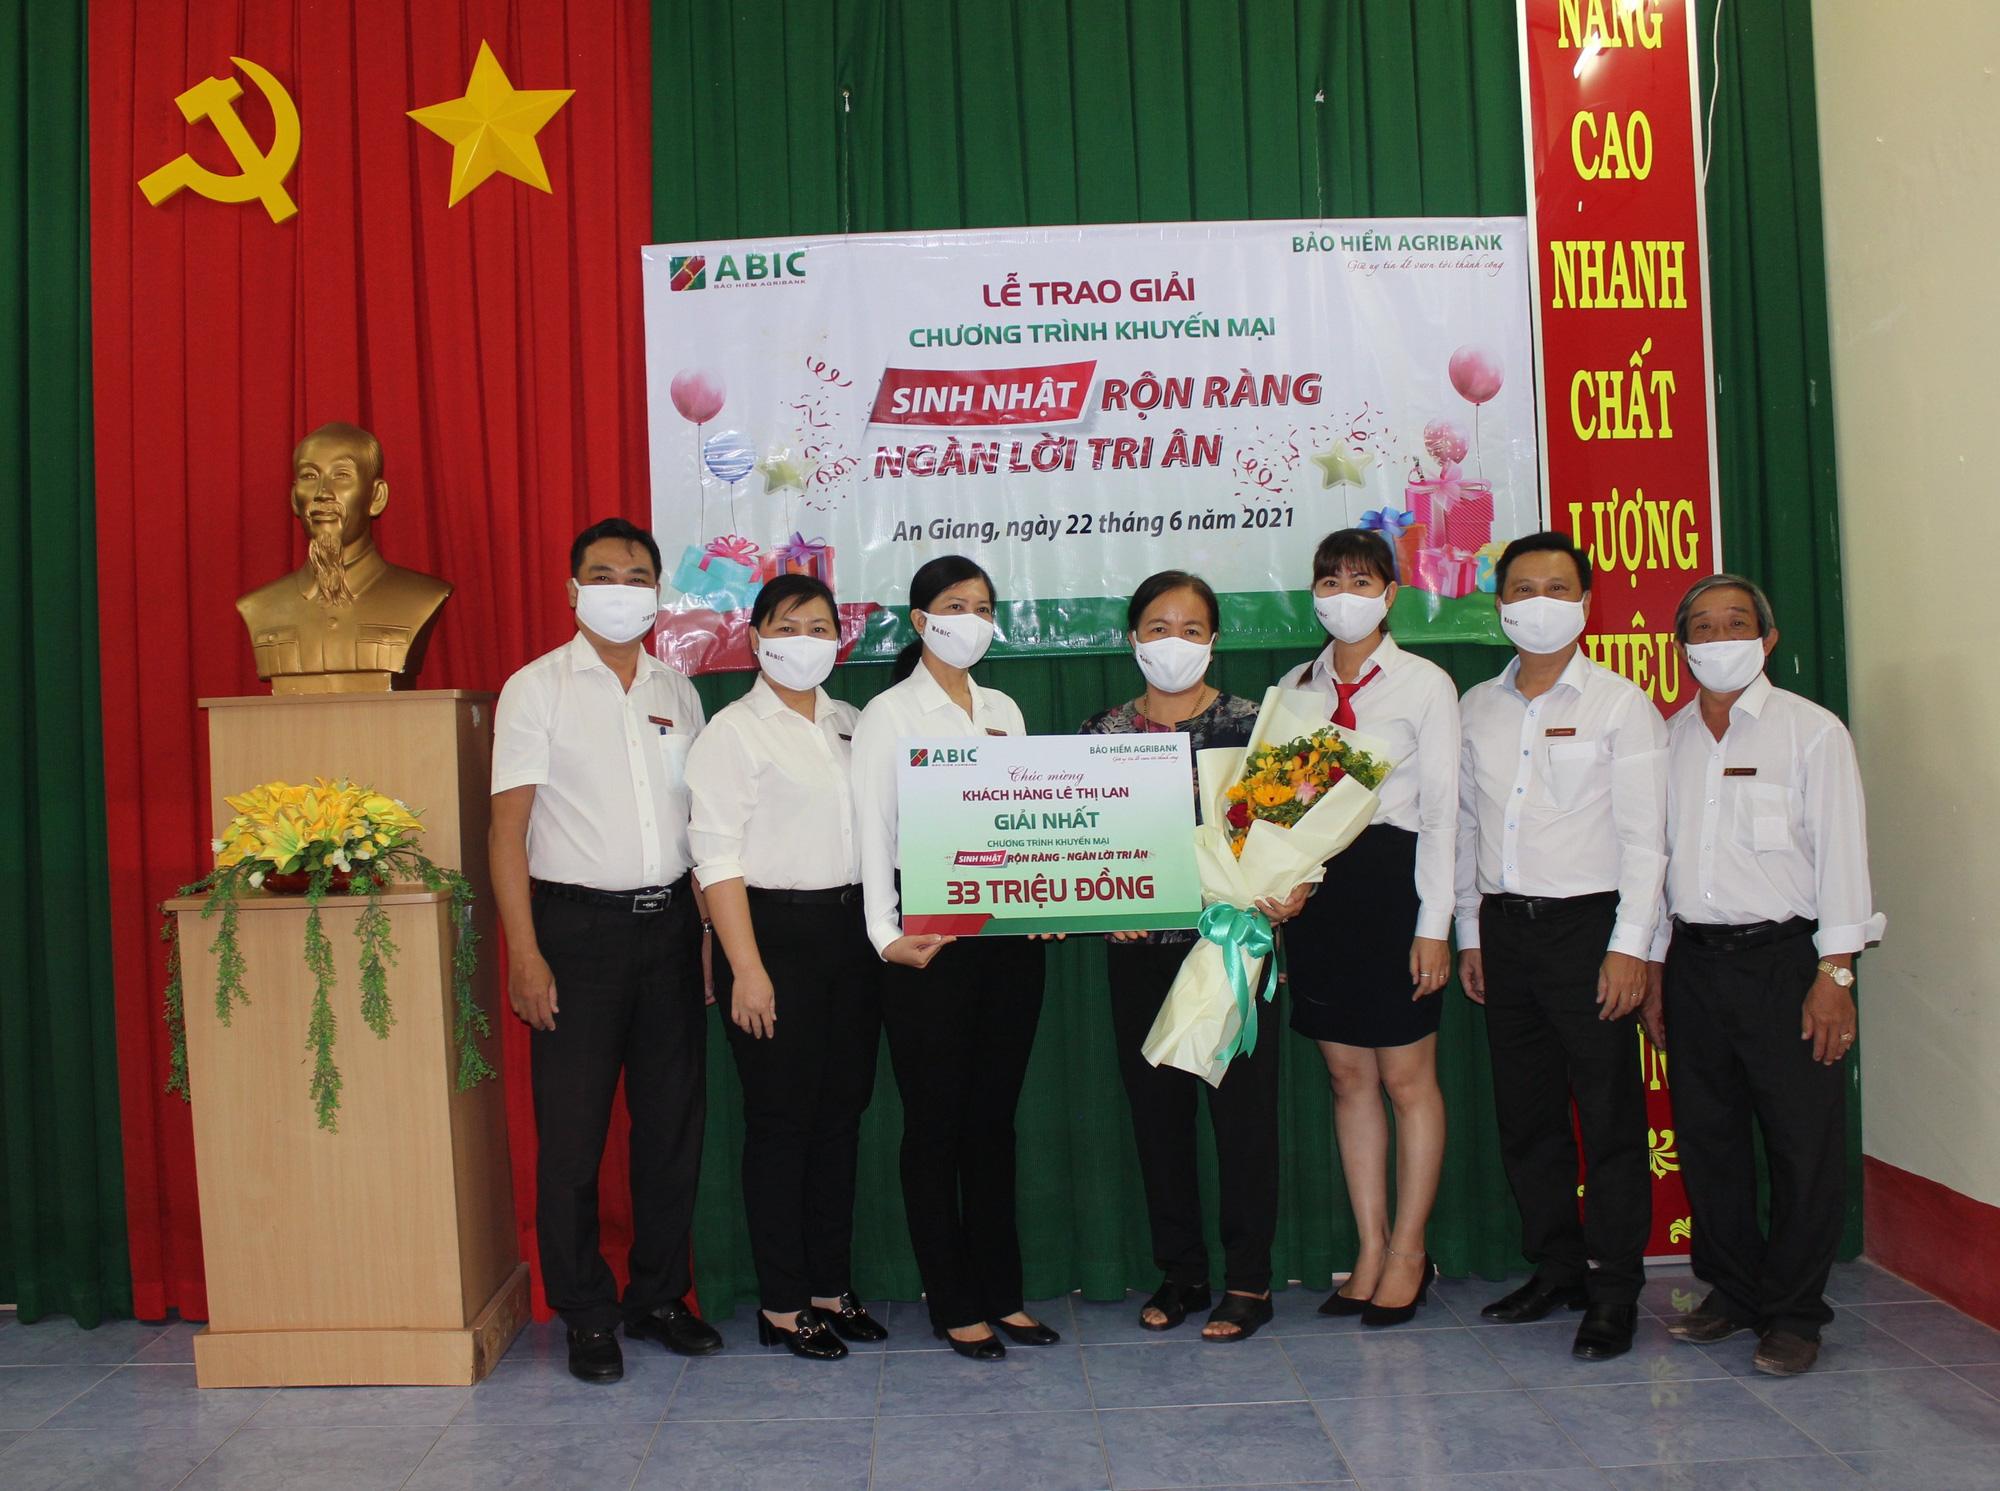 """Agribank Chi nhánh An Giang và ABIC Cần Thơ trao thưởng chương trình khuyến mại """"Sinh nhật rộn ràng - Ngàn lời tri ân""""  - Ảnh 2."""